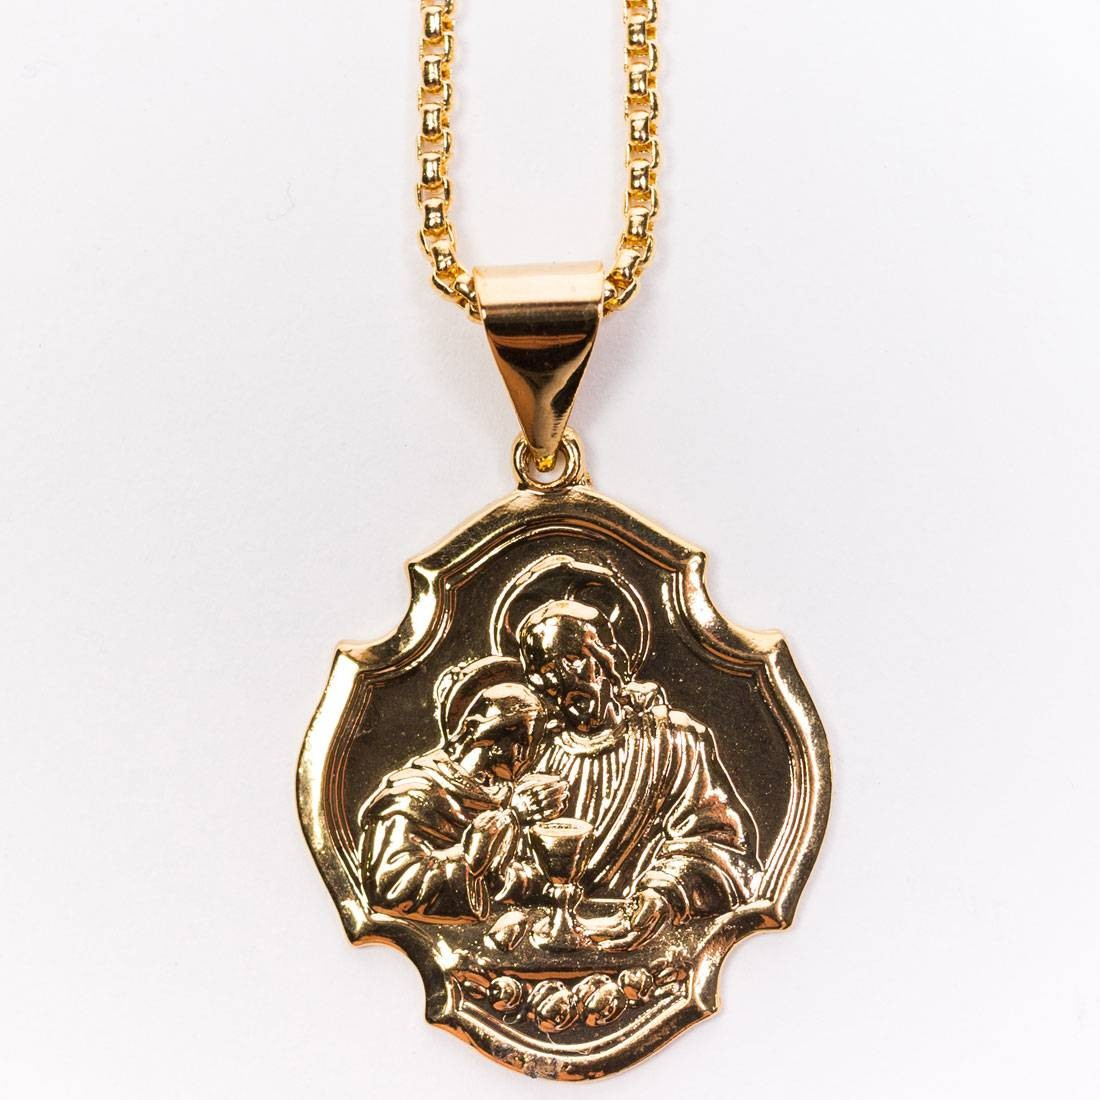 Veritas Aequitas Vita II Necklace (gold)